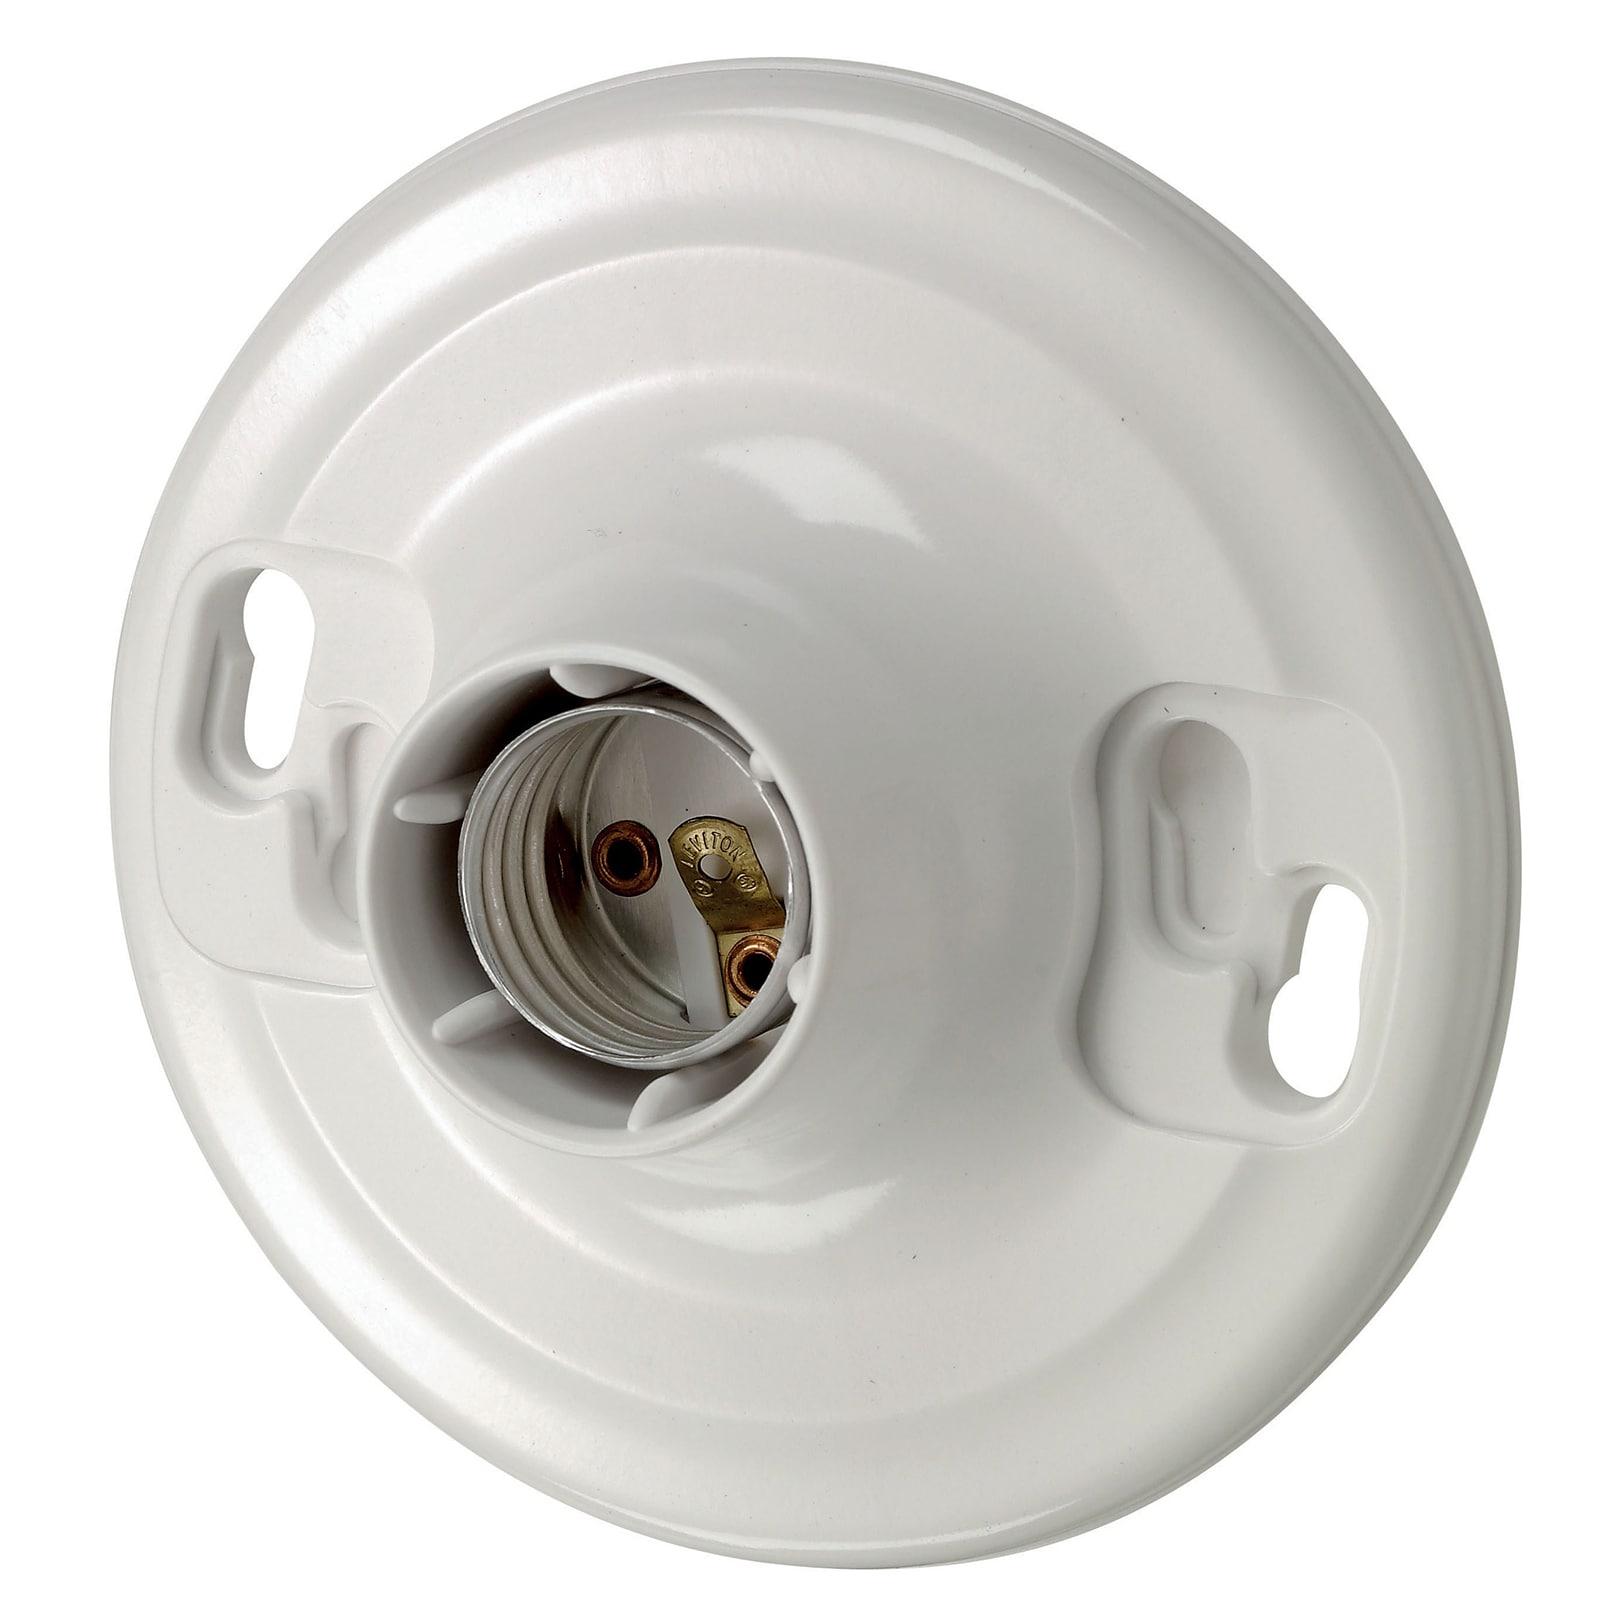 Leviton R50-08829-CW4 White Lampholder Outlet Box (Switch...